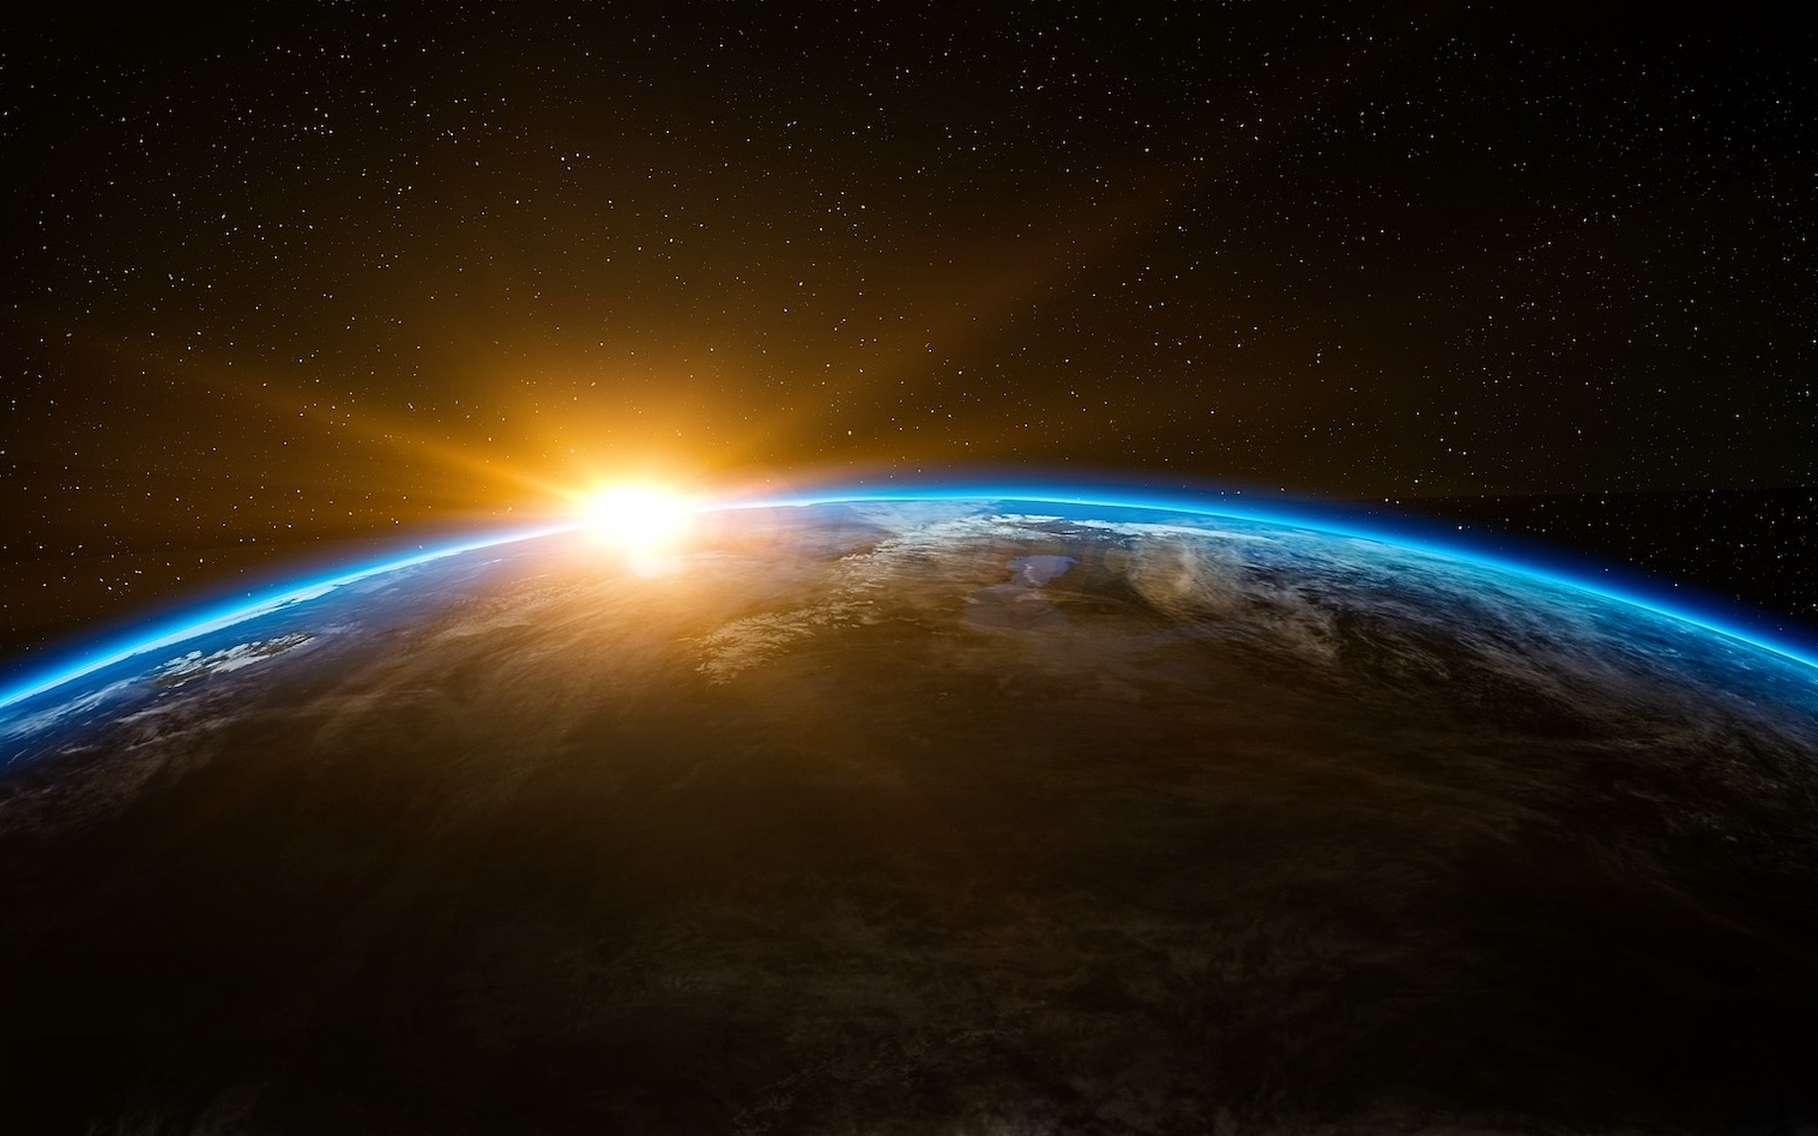 La magnitude apparente du Soleil est de -26,7 alors que sa magnitude absolue est de 4,9. © qimono, Pixabay License